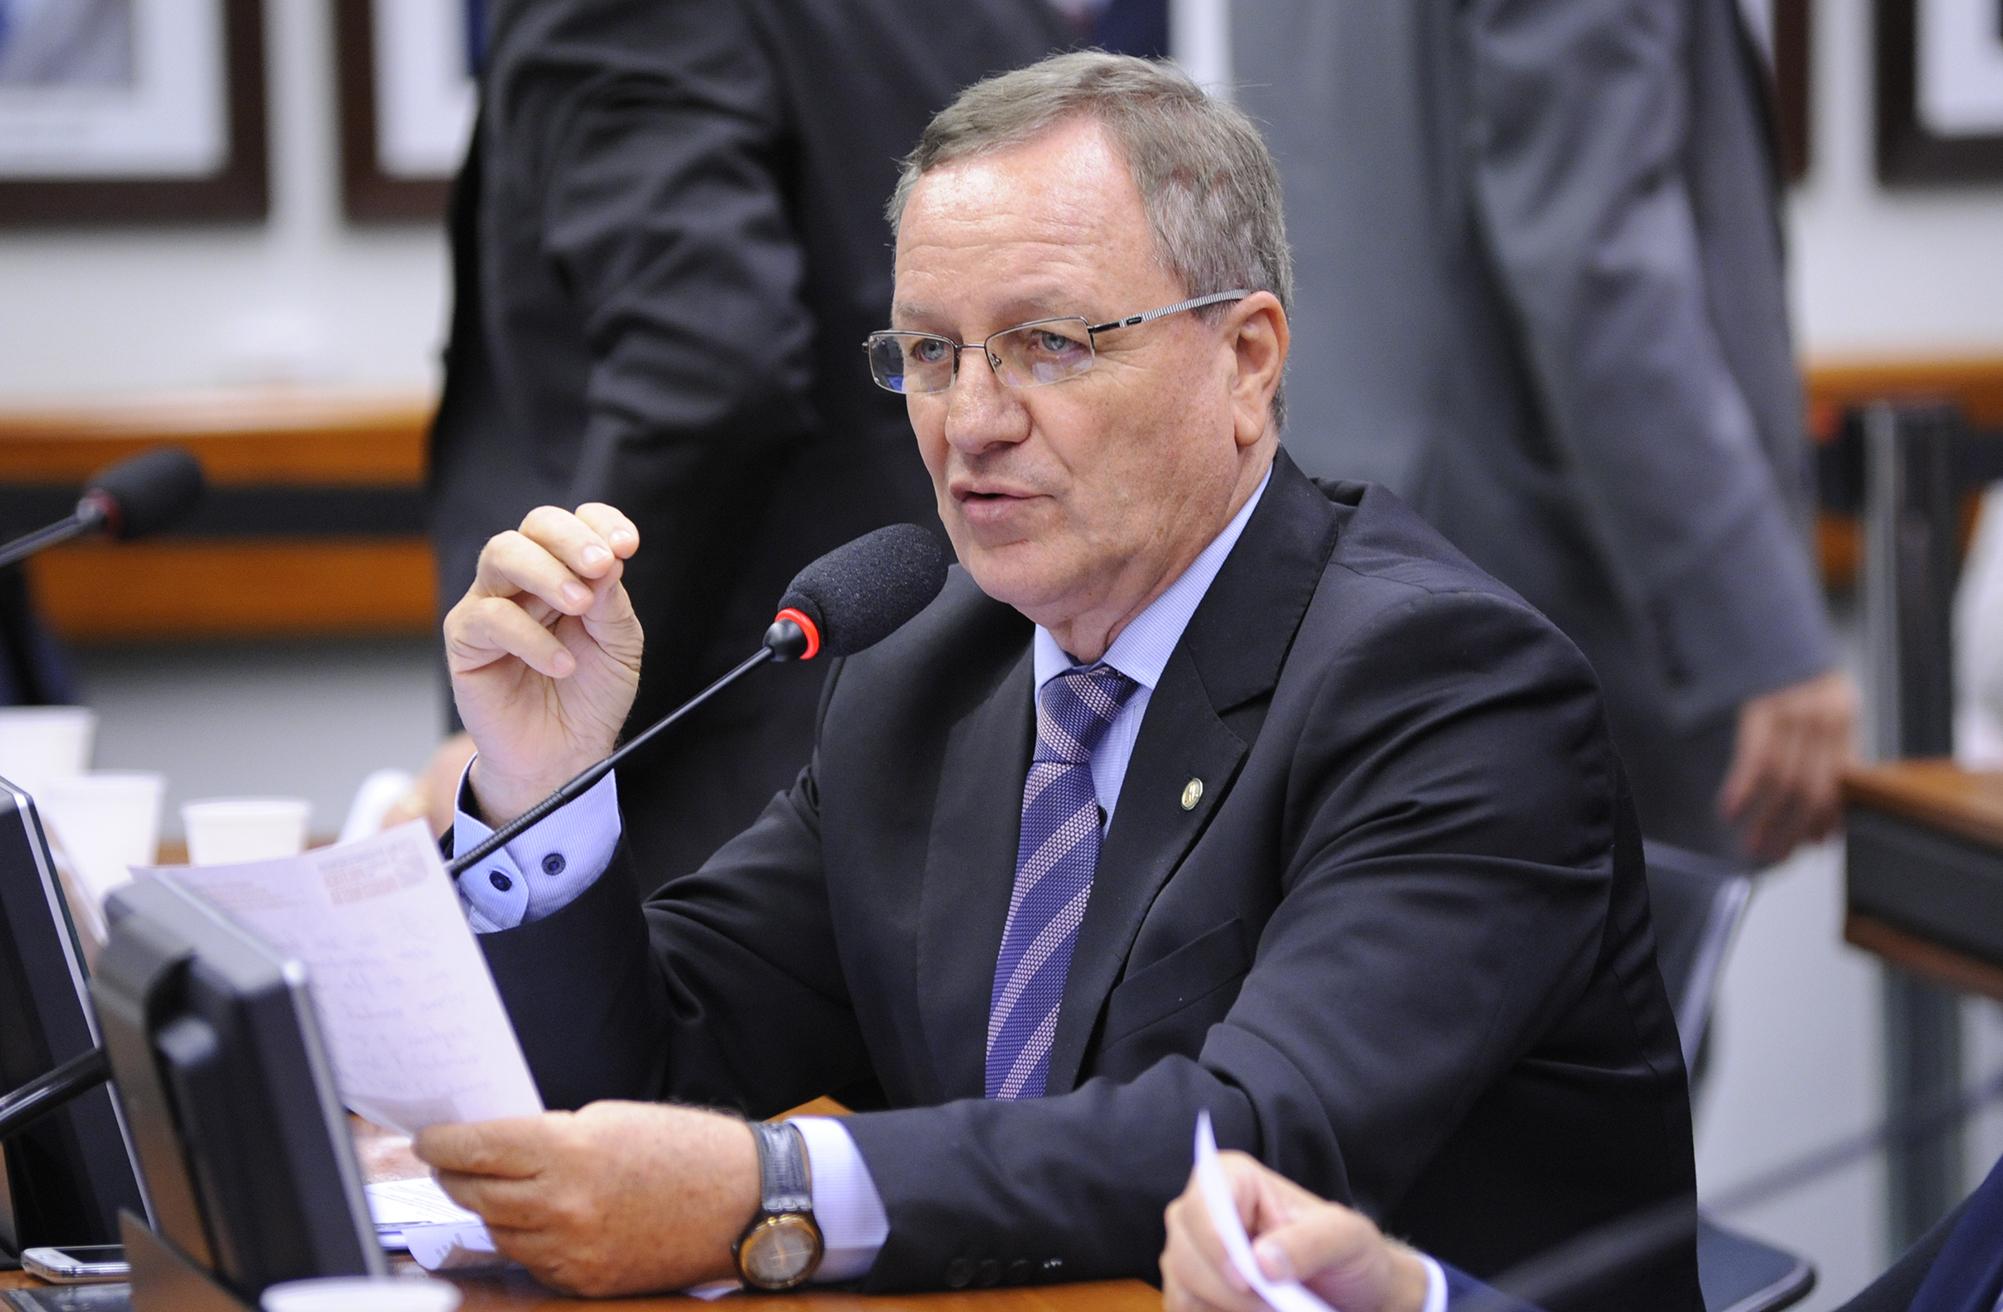 Audiência Pública e Reunião Ordinária. Dep. Valdir Colatto (PMDB-SC)